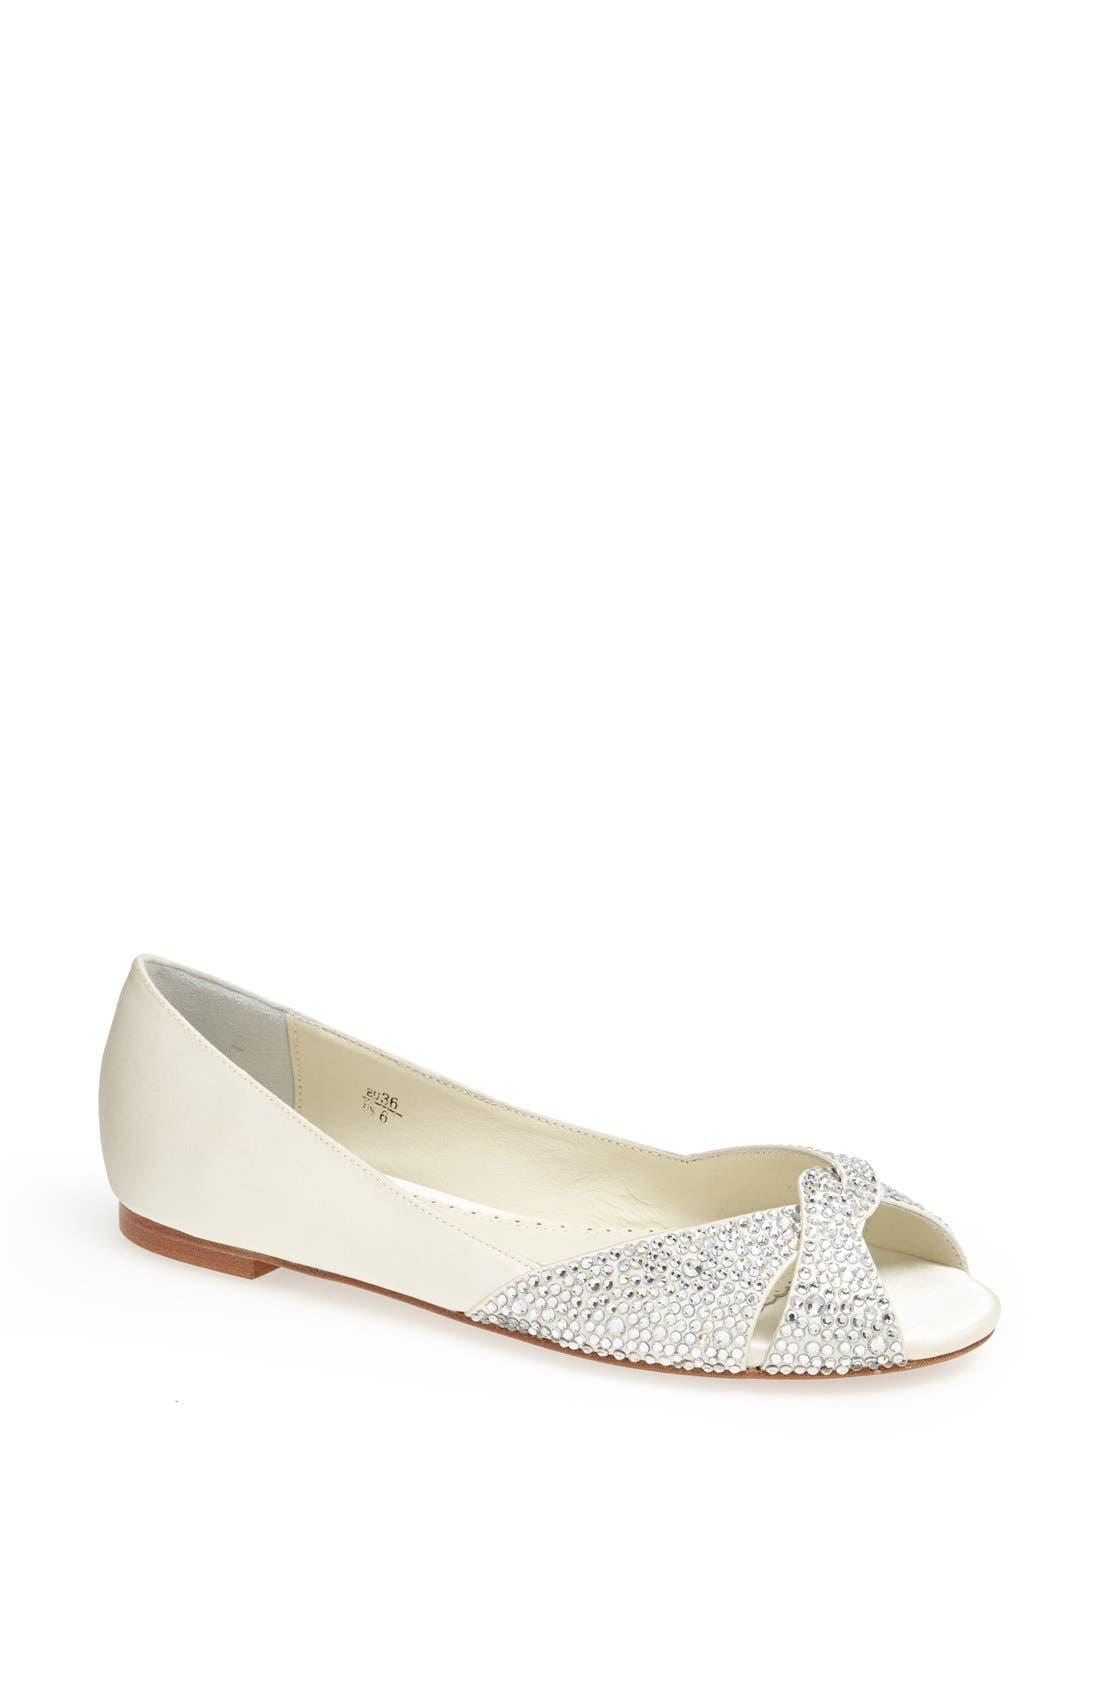 Main Image - Benjamin Adams London 'Andie' Crystal Embellished Peep Toe Flat